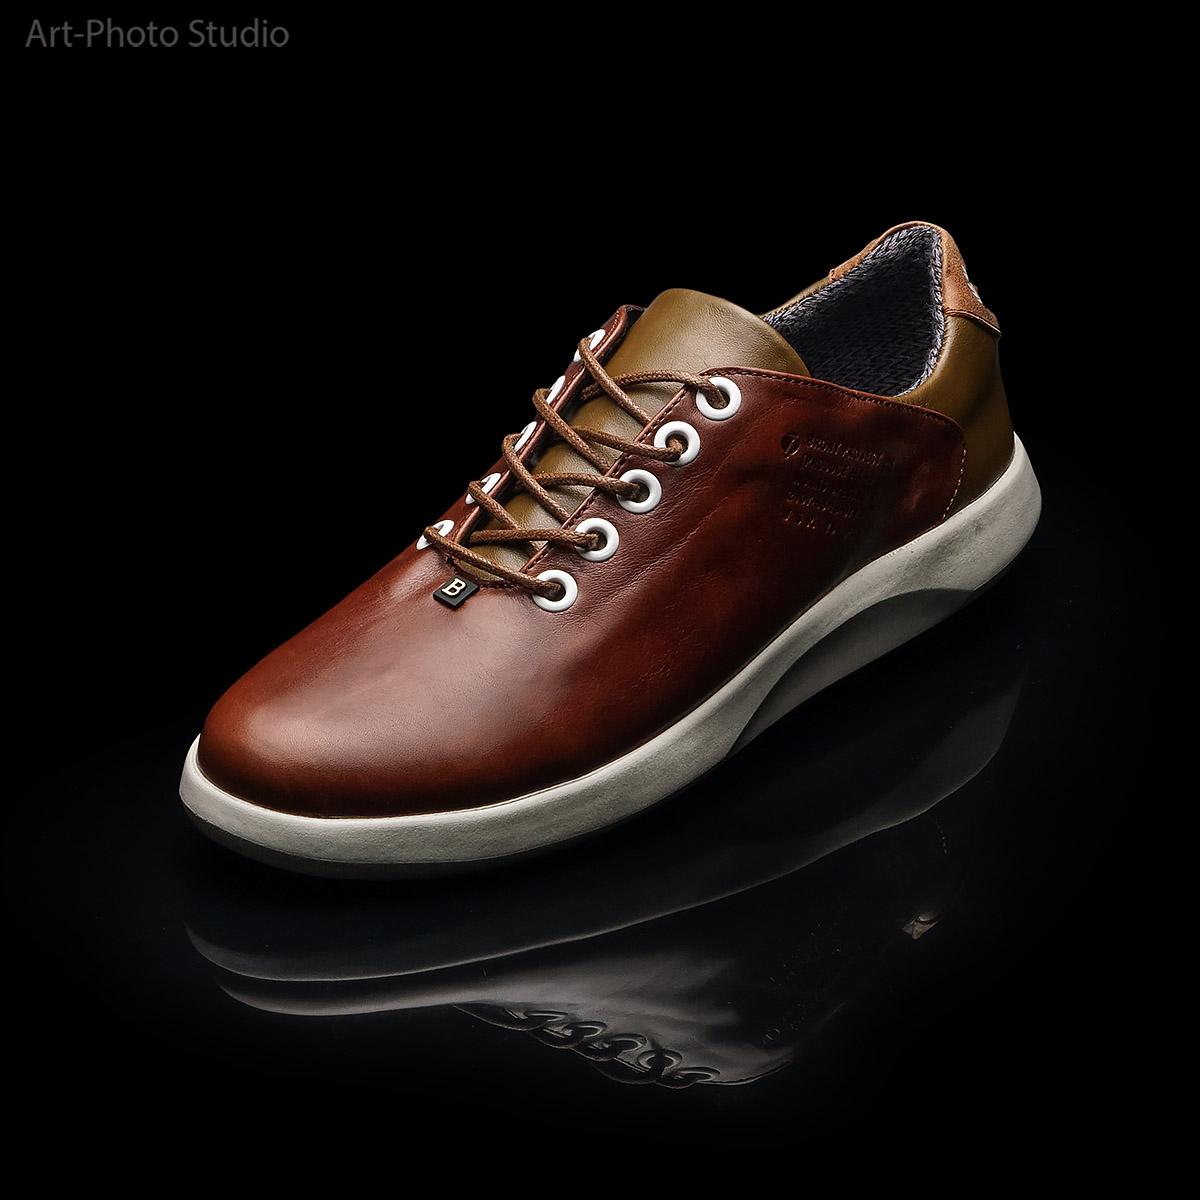 рекламная съемка обуви на черном фоне с отражением